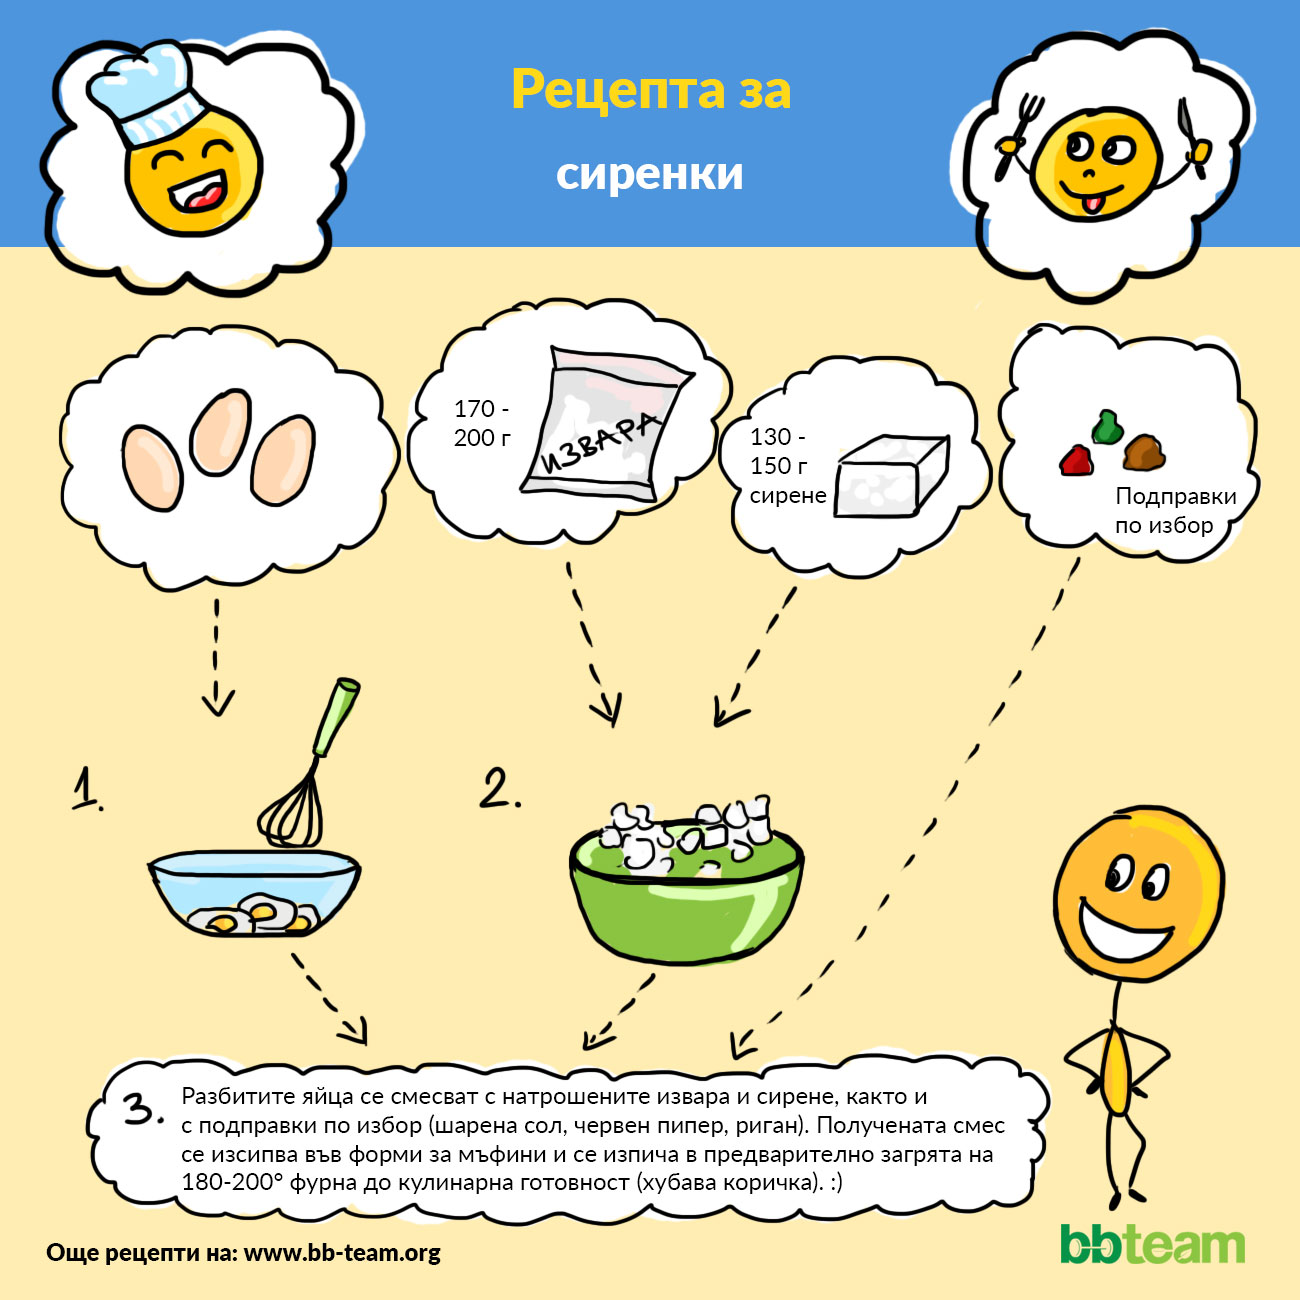 Рецепта за сиренки [инфографика]